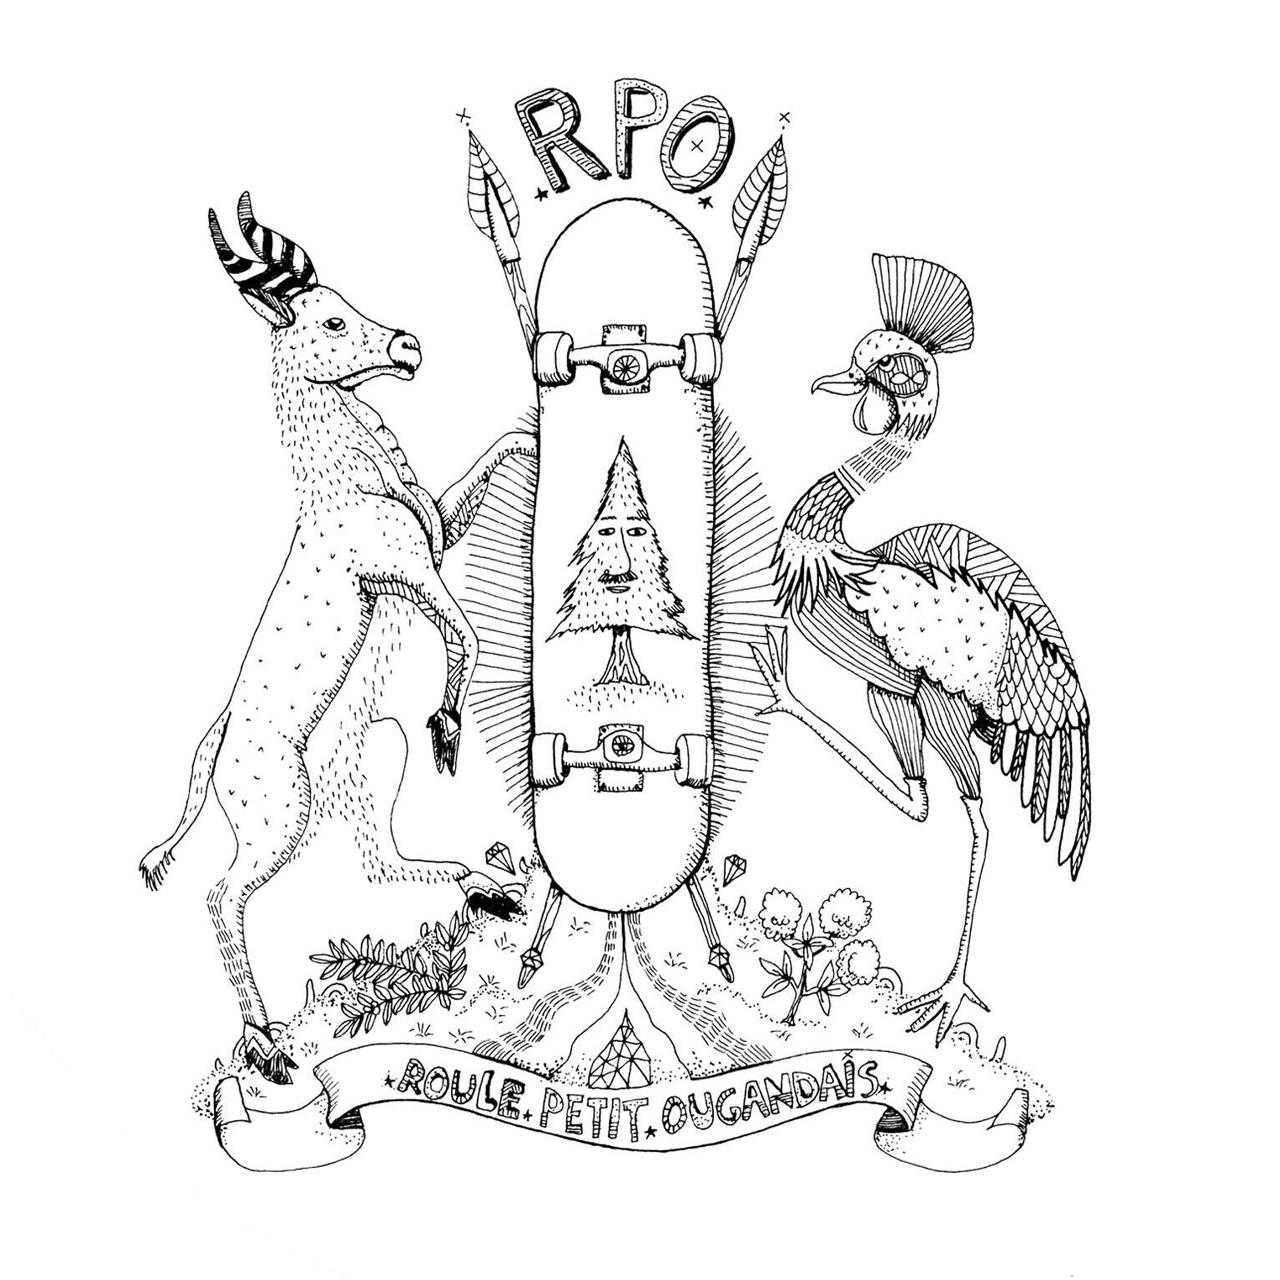 Logo Association Roule Petit Ougandais